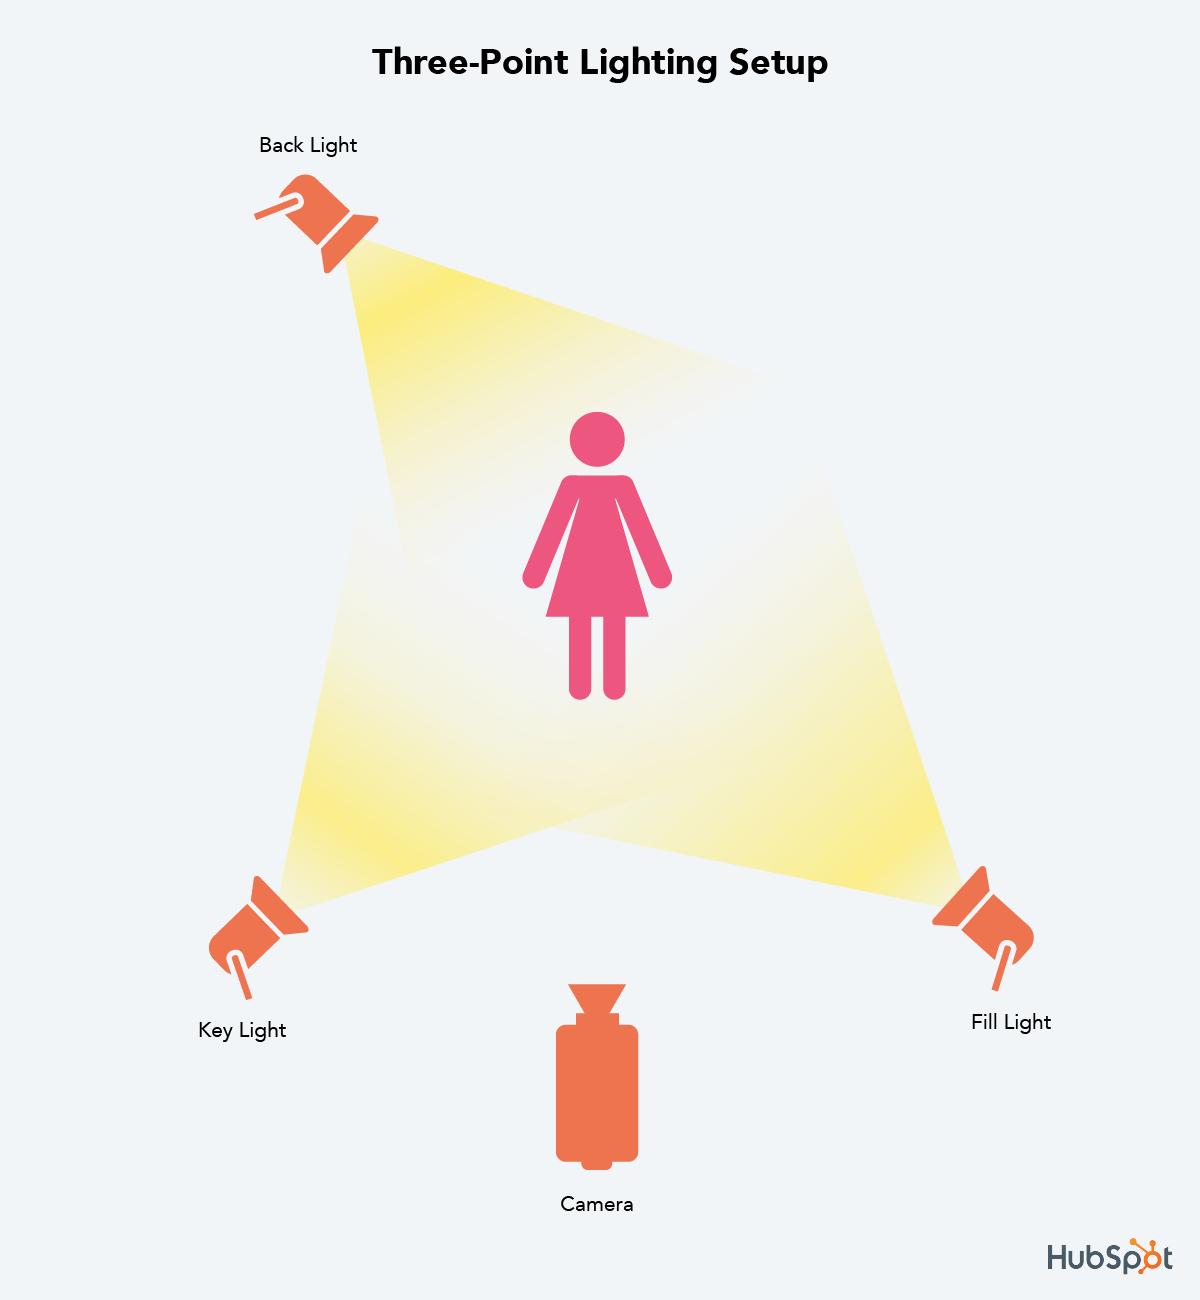 dàn dựng chiếu sáng 3 điểm